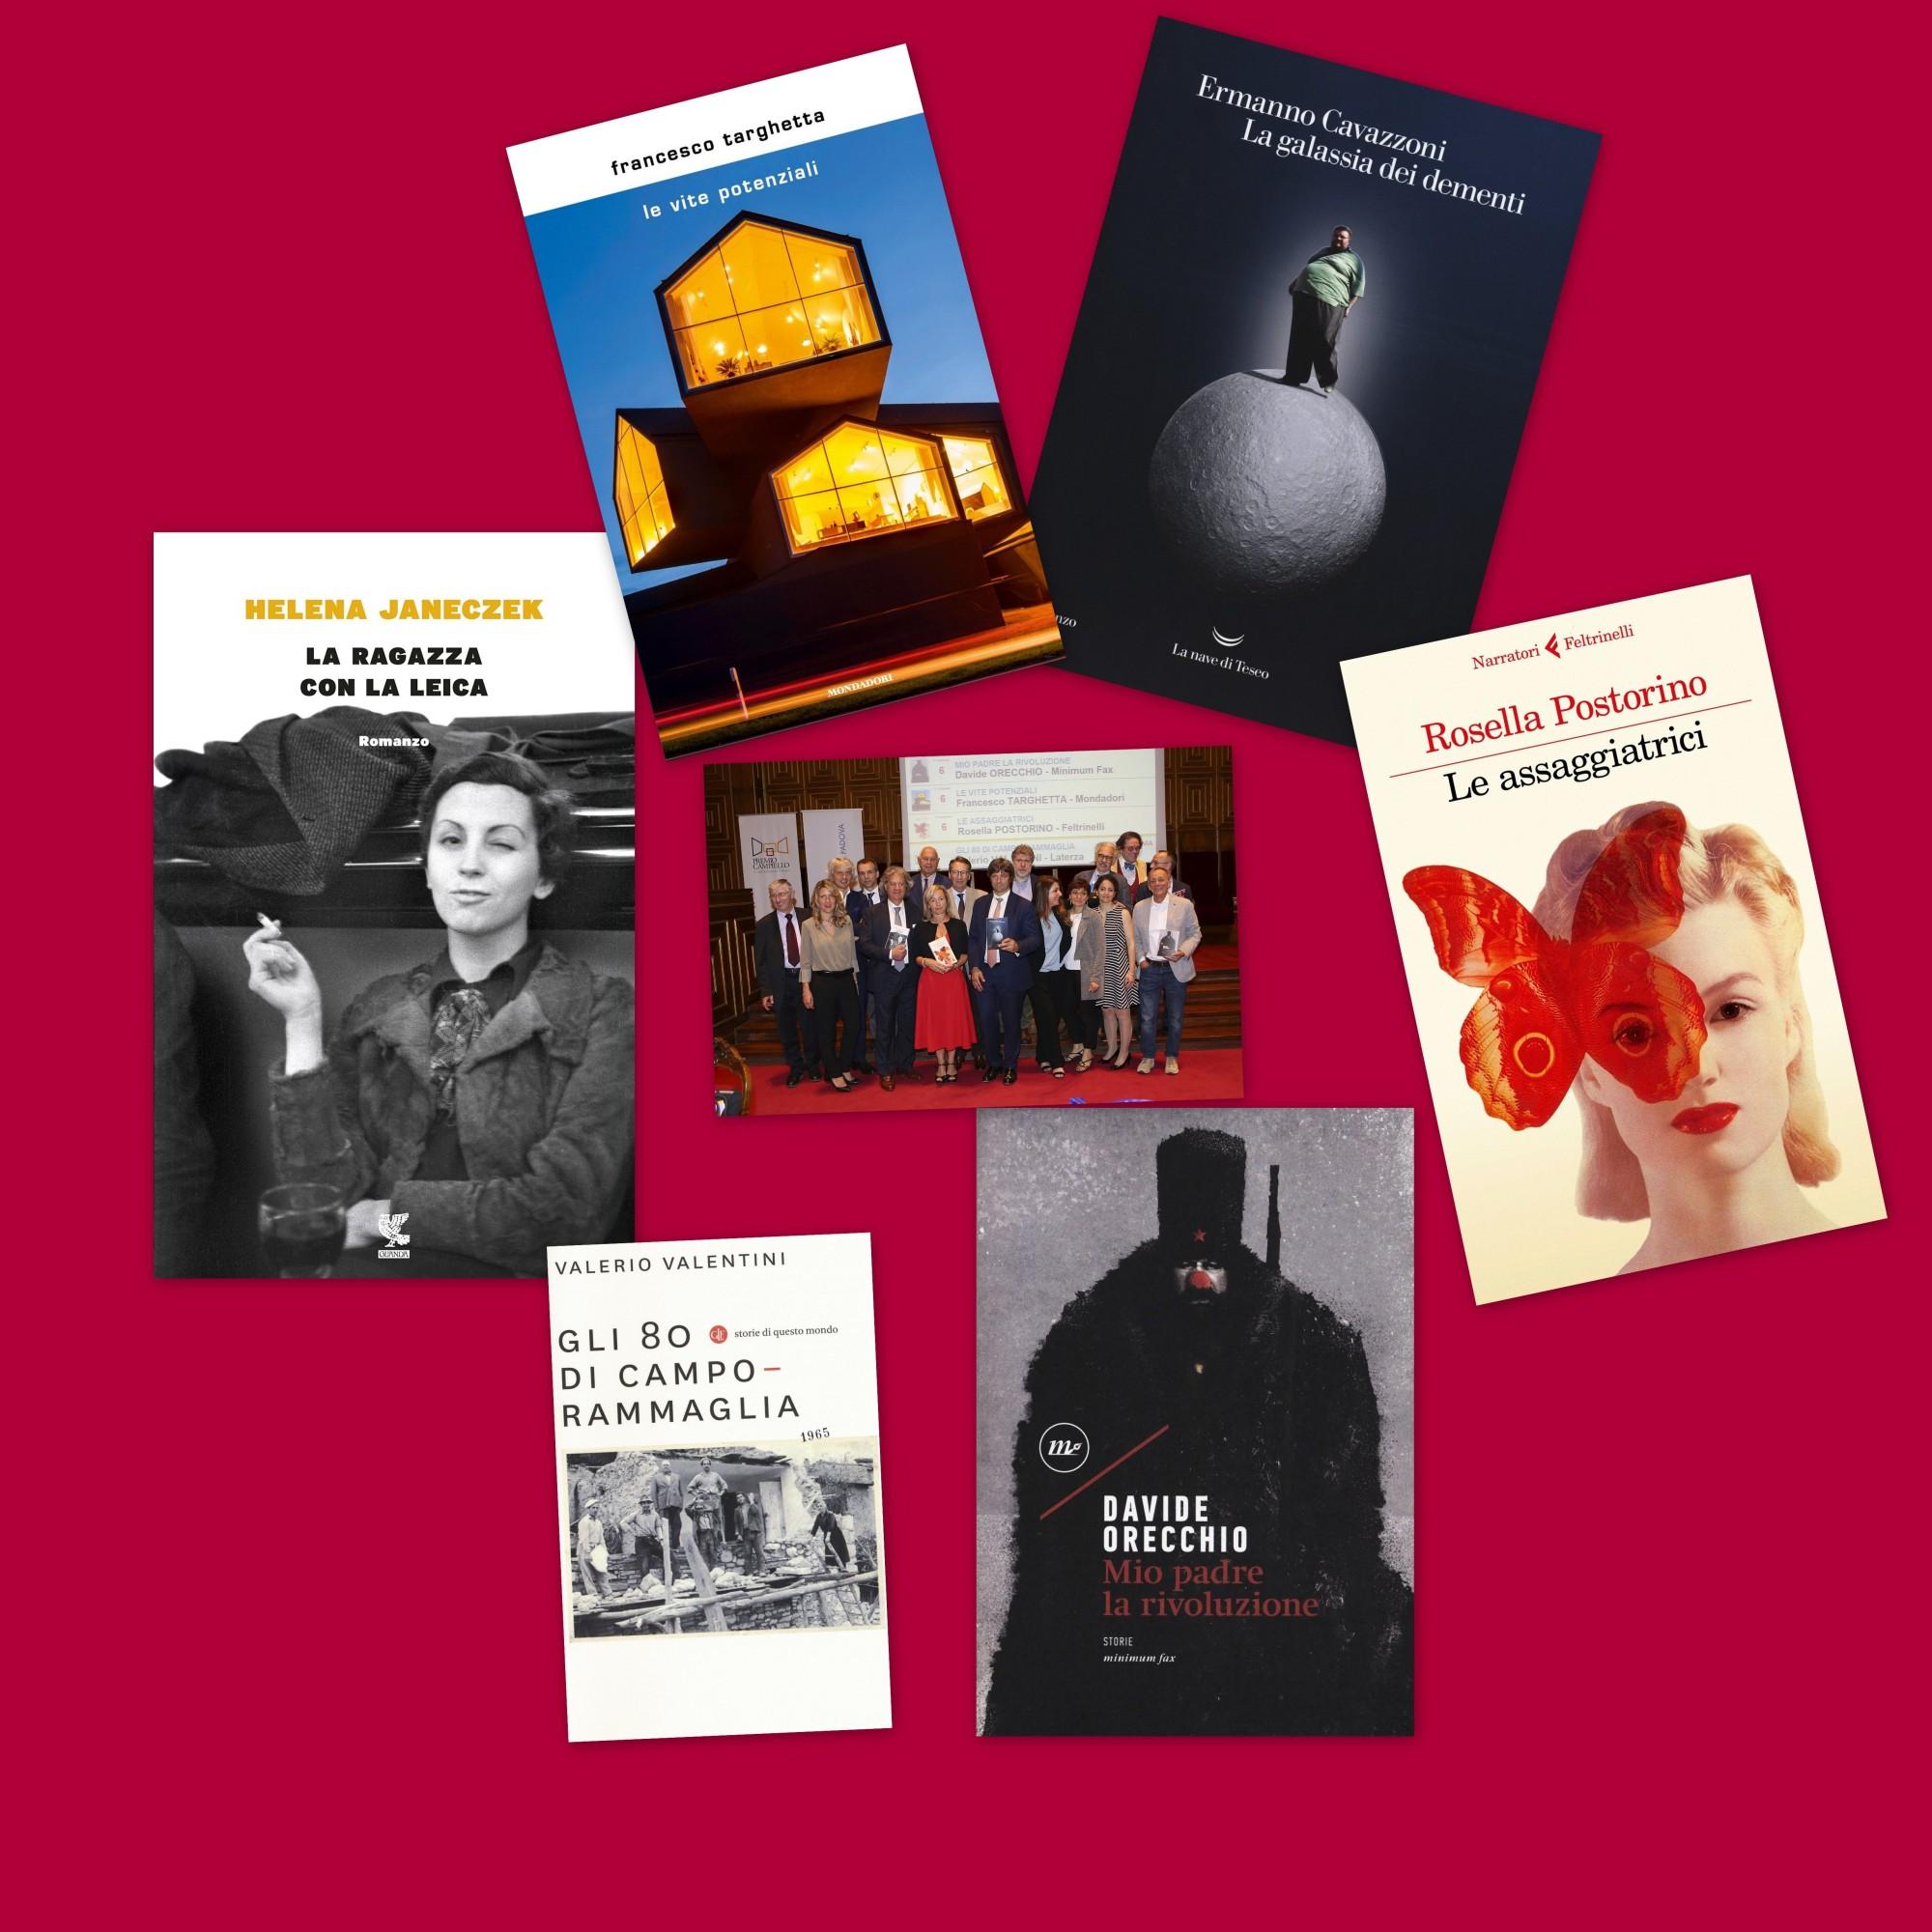 Premio Campiello: selezionati i 5 finalisti della 56a edizione